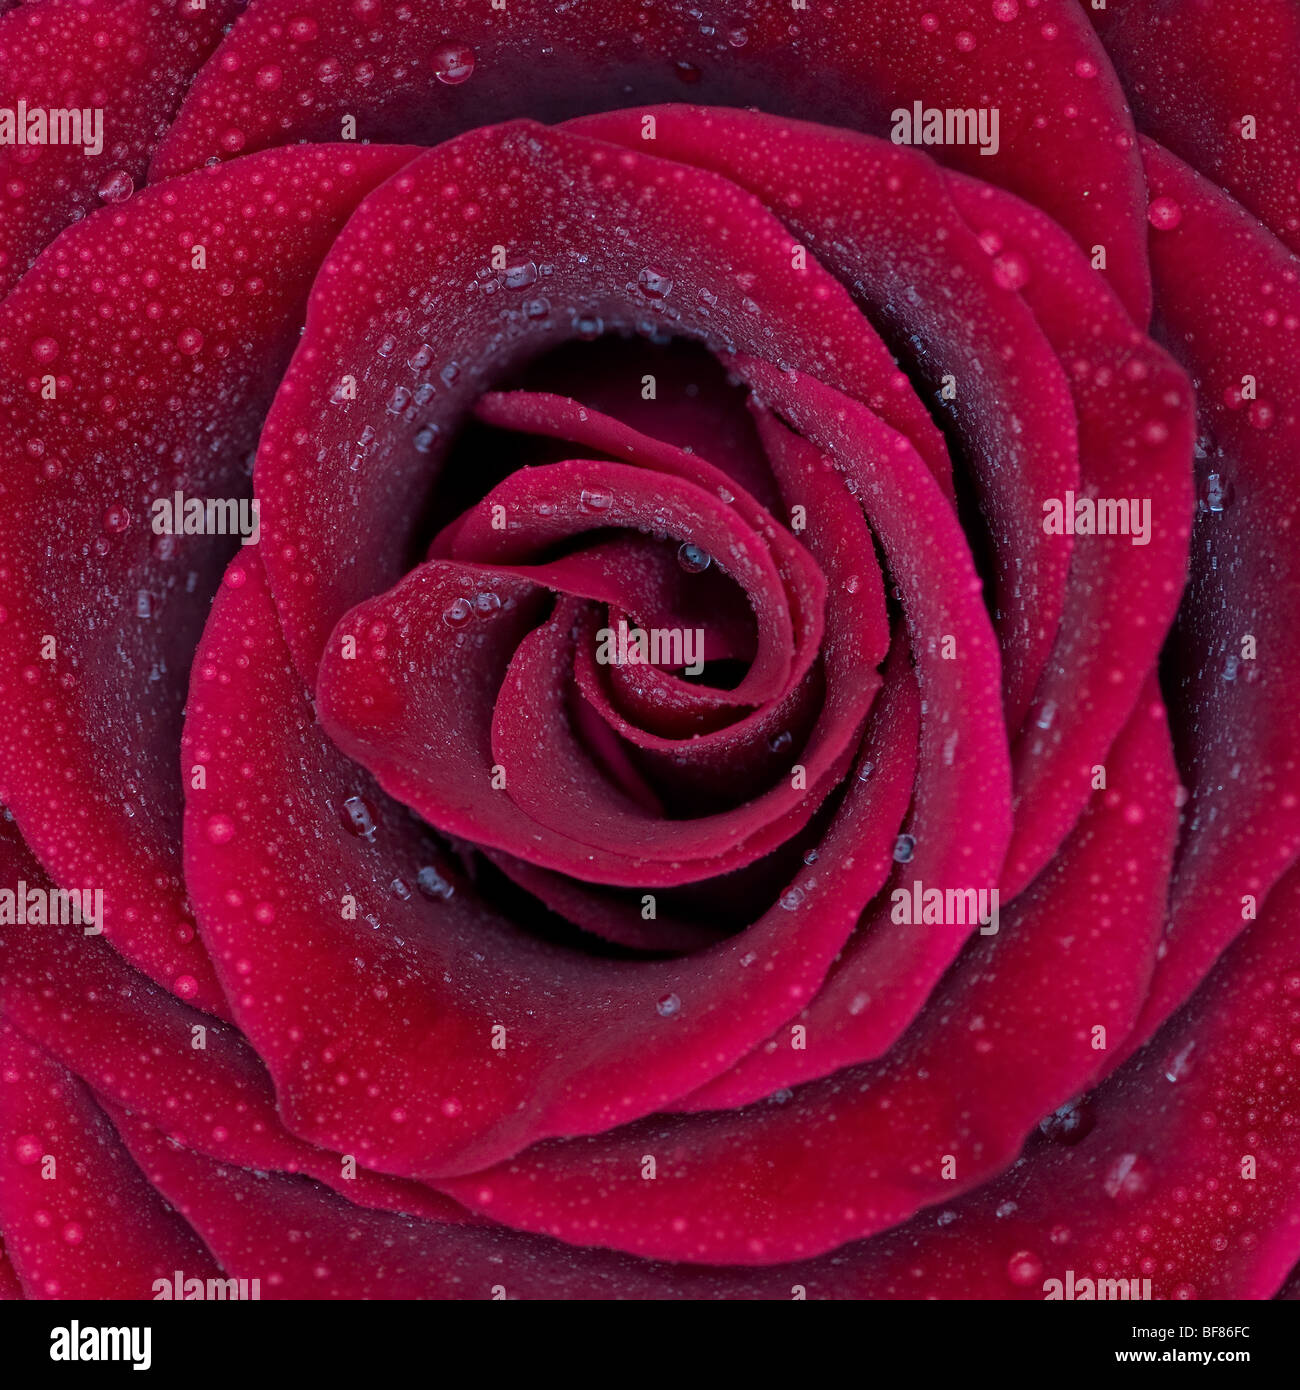 Rosa roja con gotas de agua Imagen De Stock